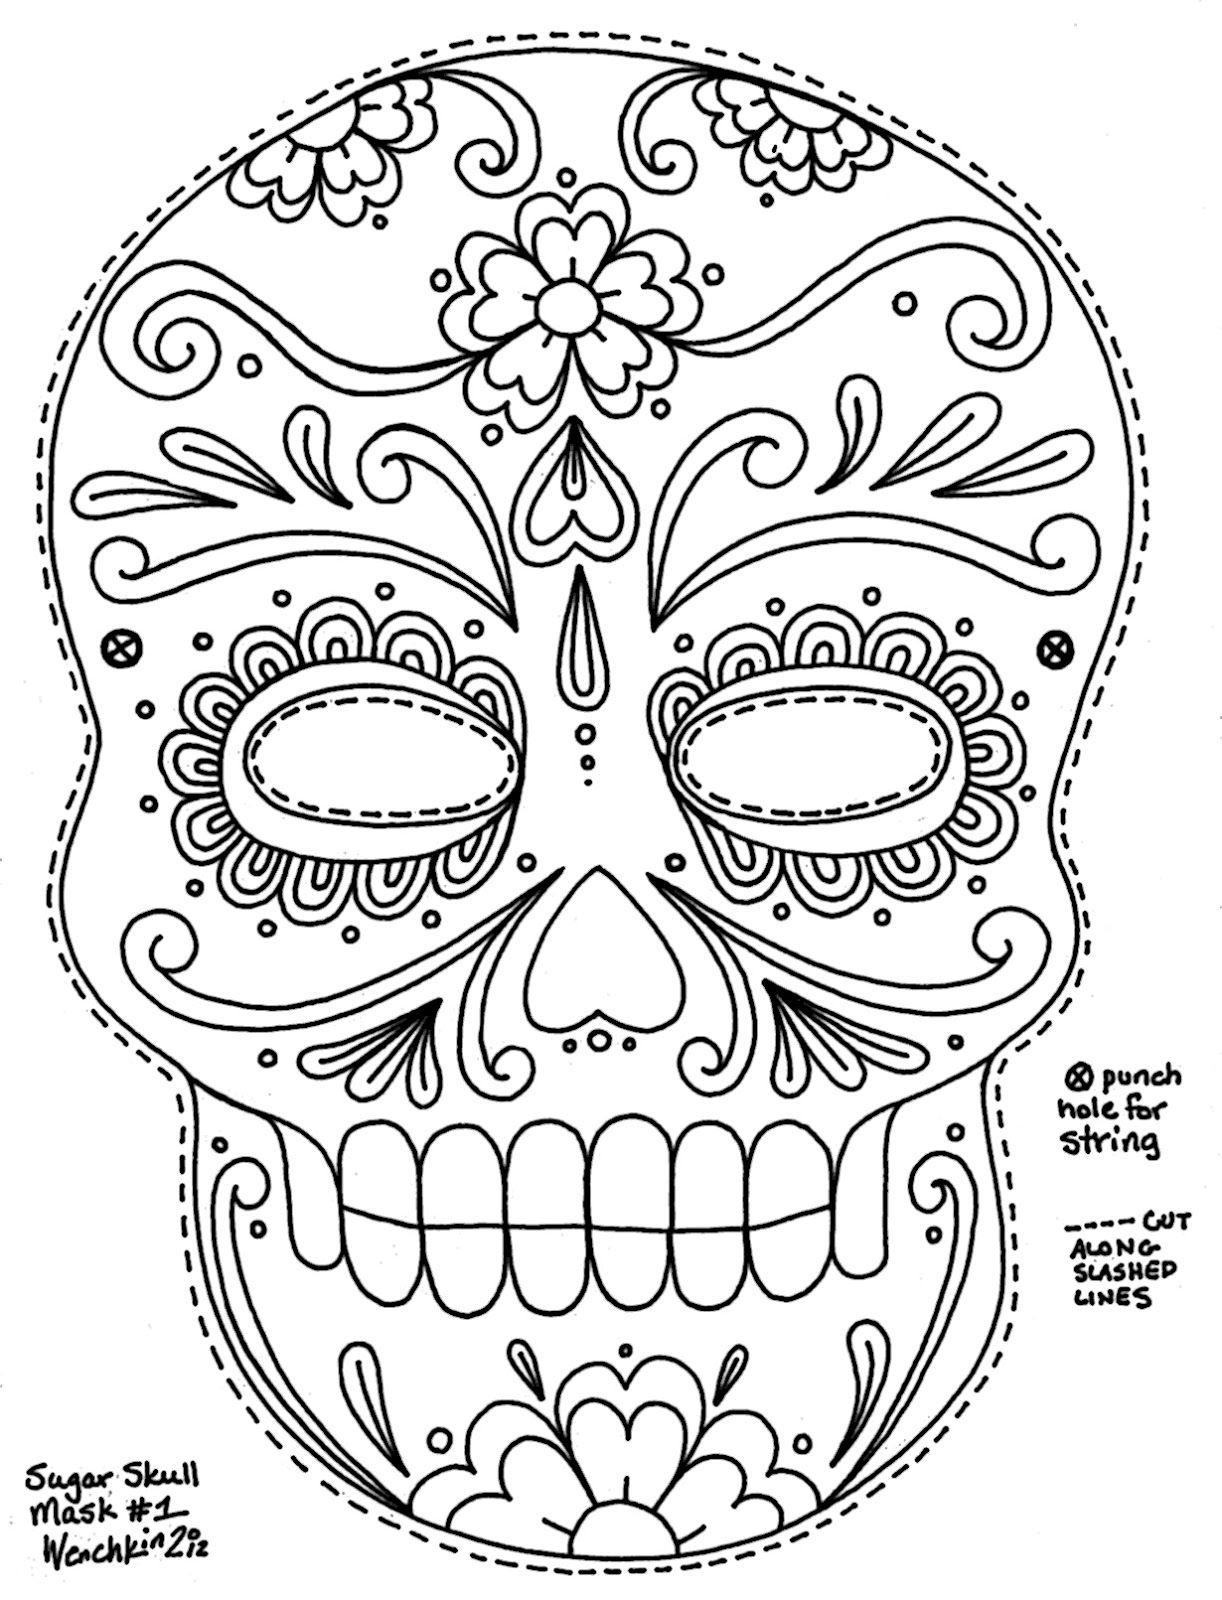 Wenchkin's Coloring Pages - Sugar Skull Mask | Malvorlagen ganzes Masken Zum Ausdrucken